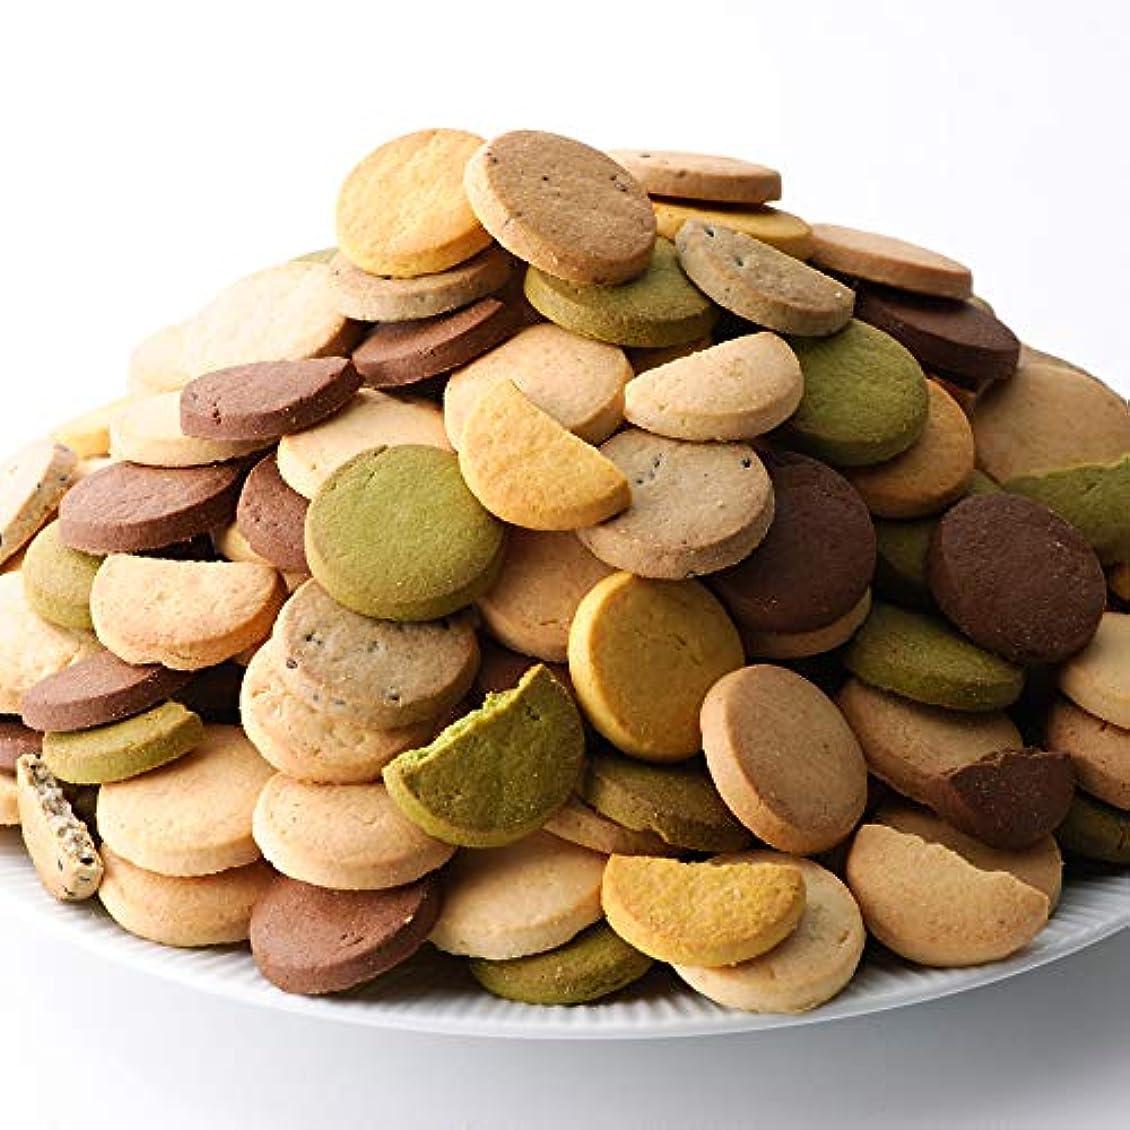 に対応するステップ戦争豆乳おからクッキー 1kg(200g×5袋)1枚約16kcal